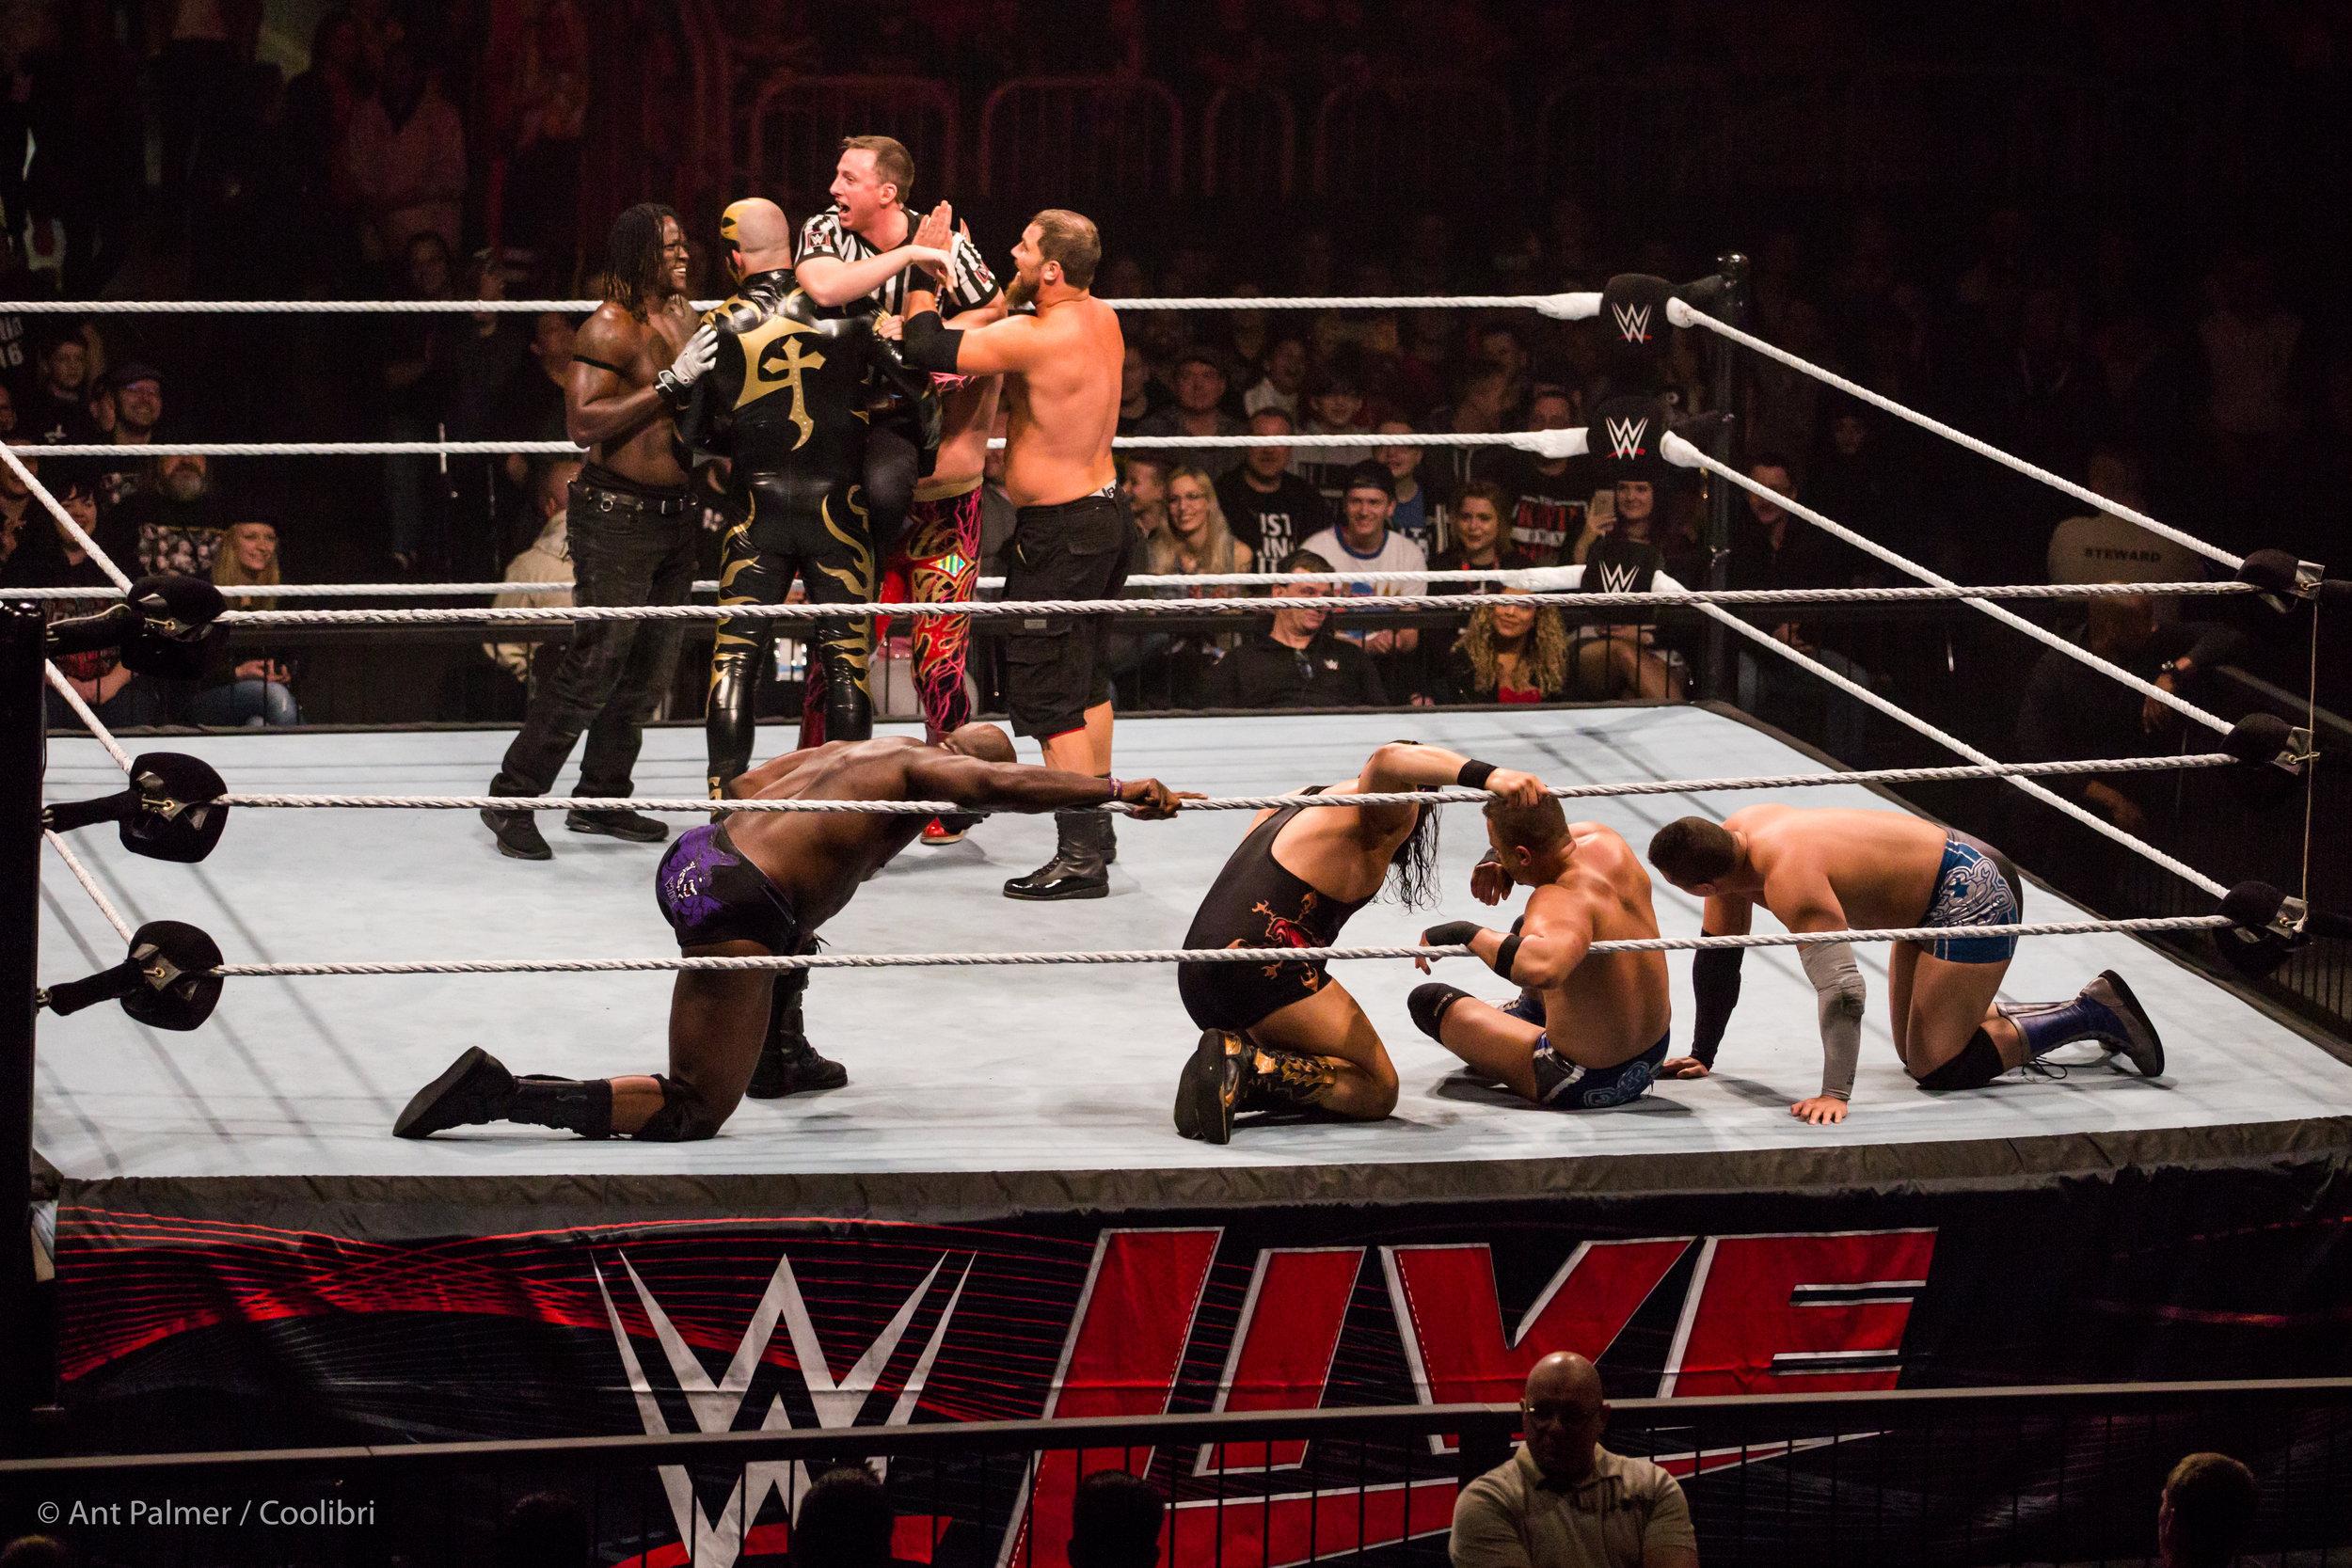 2017_02_22_WWE_DUS-7.jpg